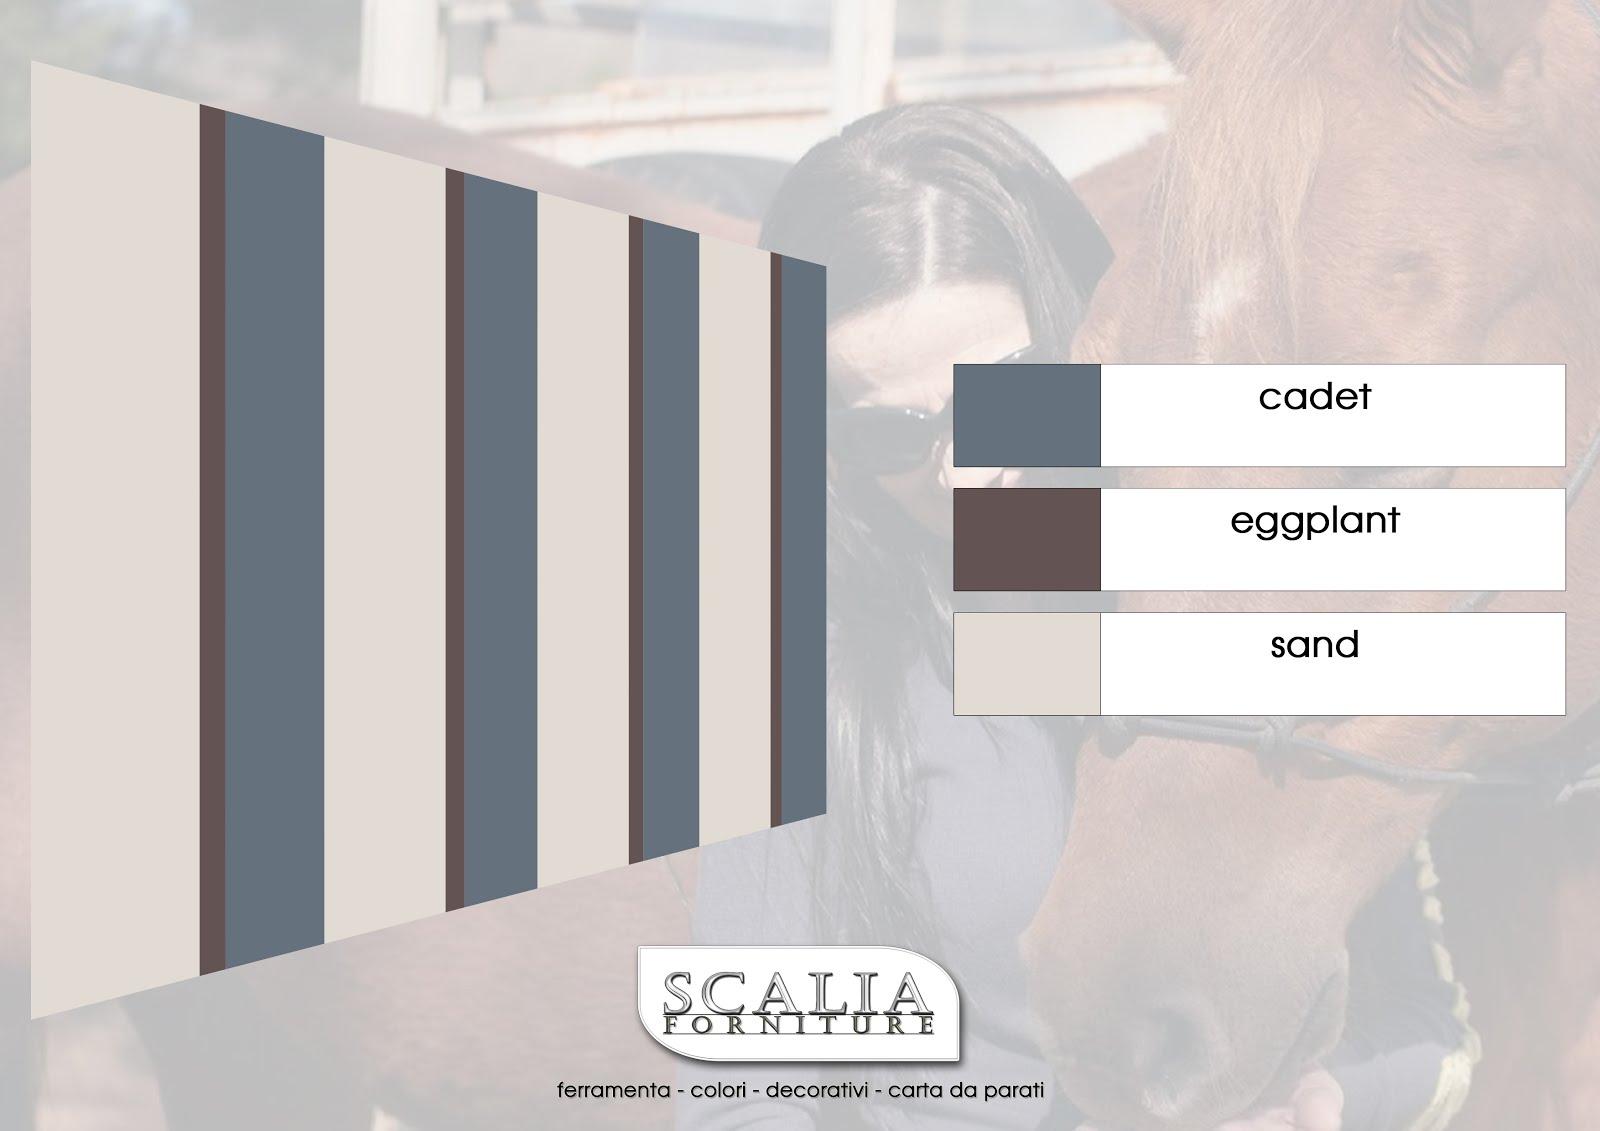 Pareti A Strisce Verticali : Scalia forniture tre colori per realizzare belle pareti a